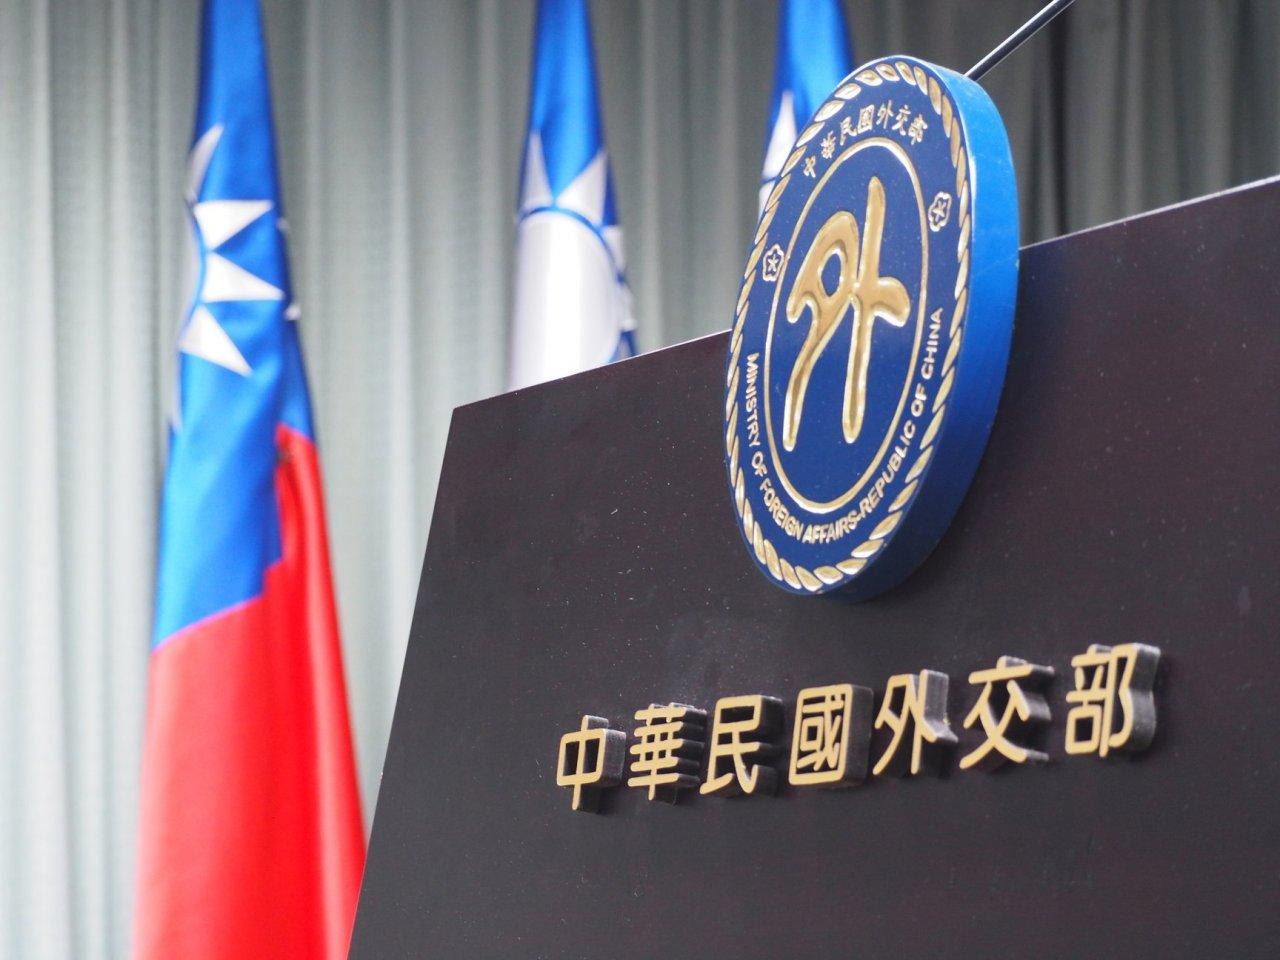 外交部:感謝106位歐洲政要發聲 挺台參與WHO